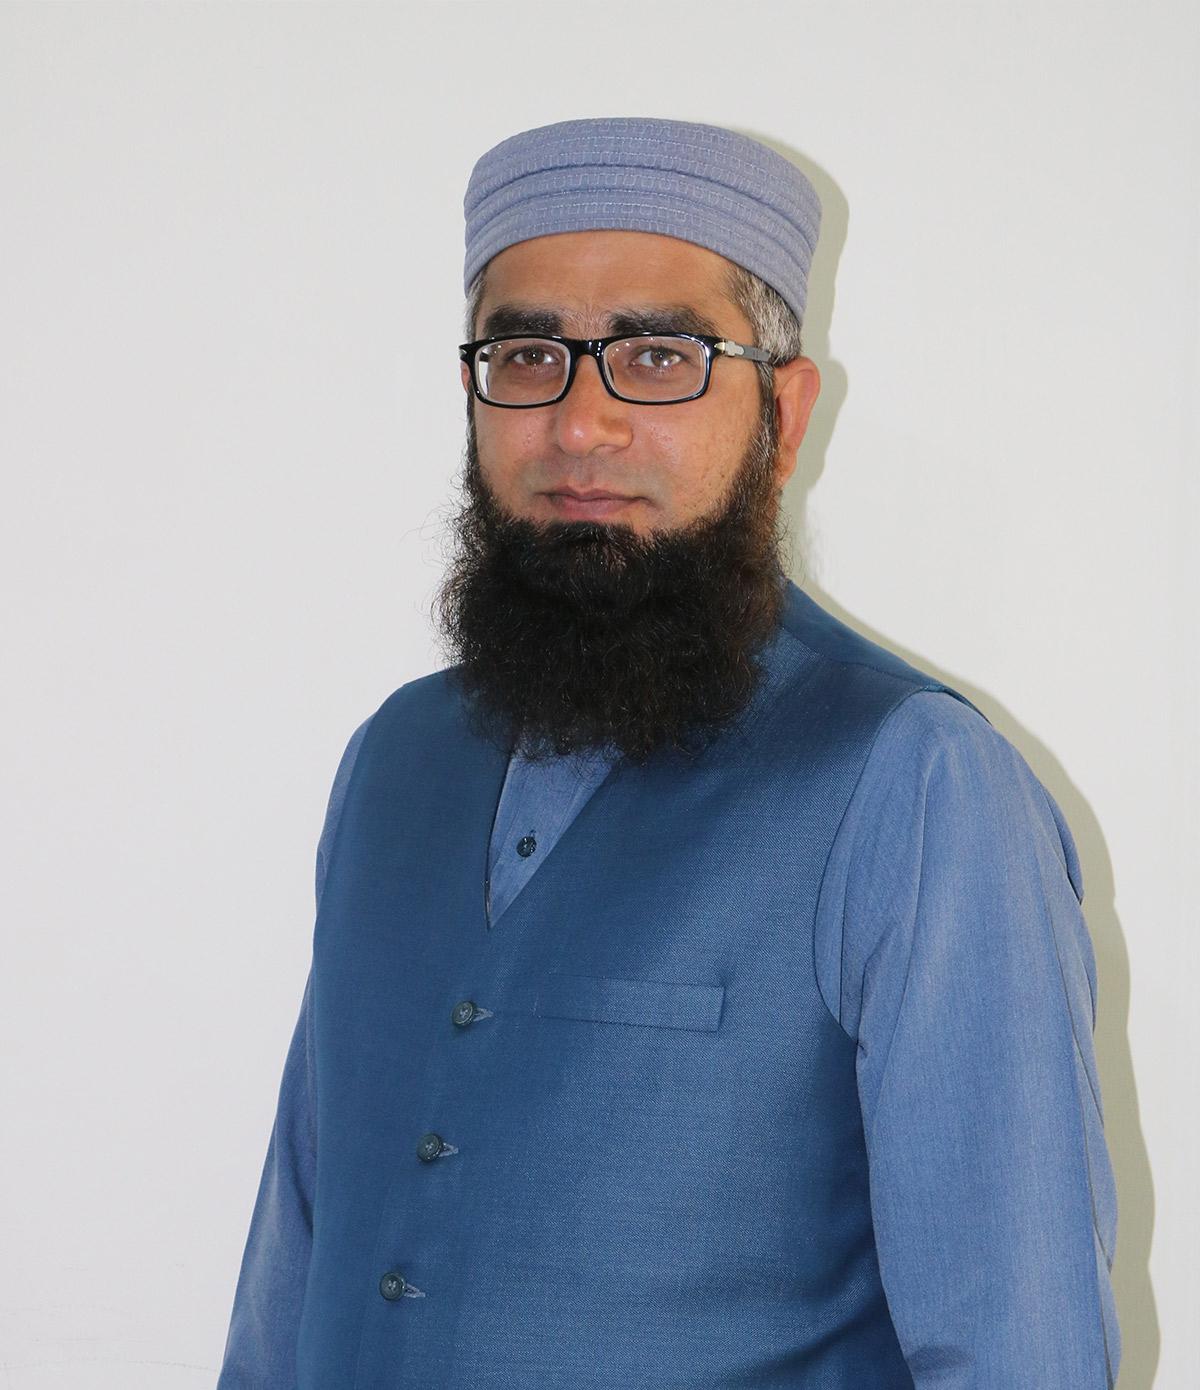 Muhammad Khawar